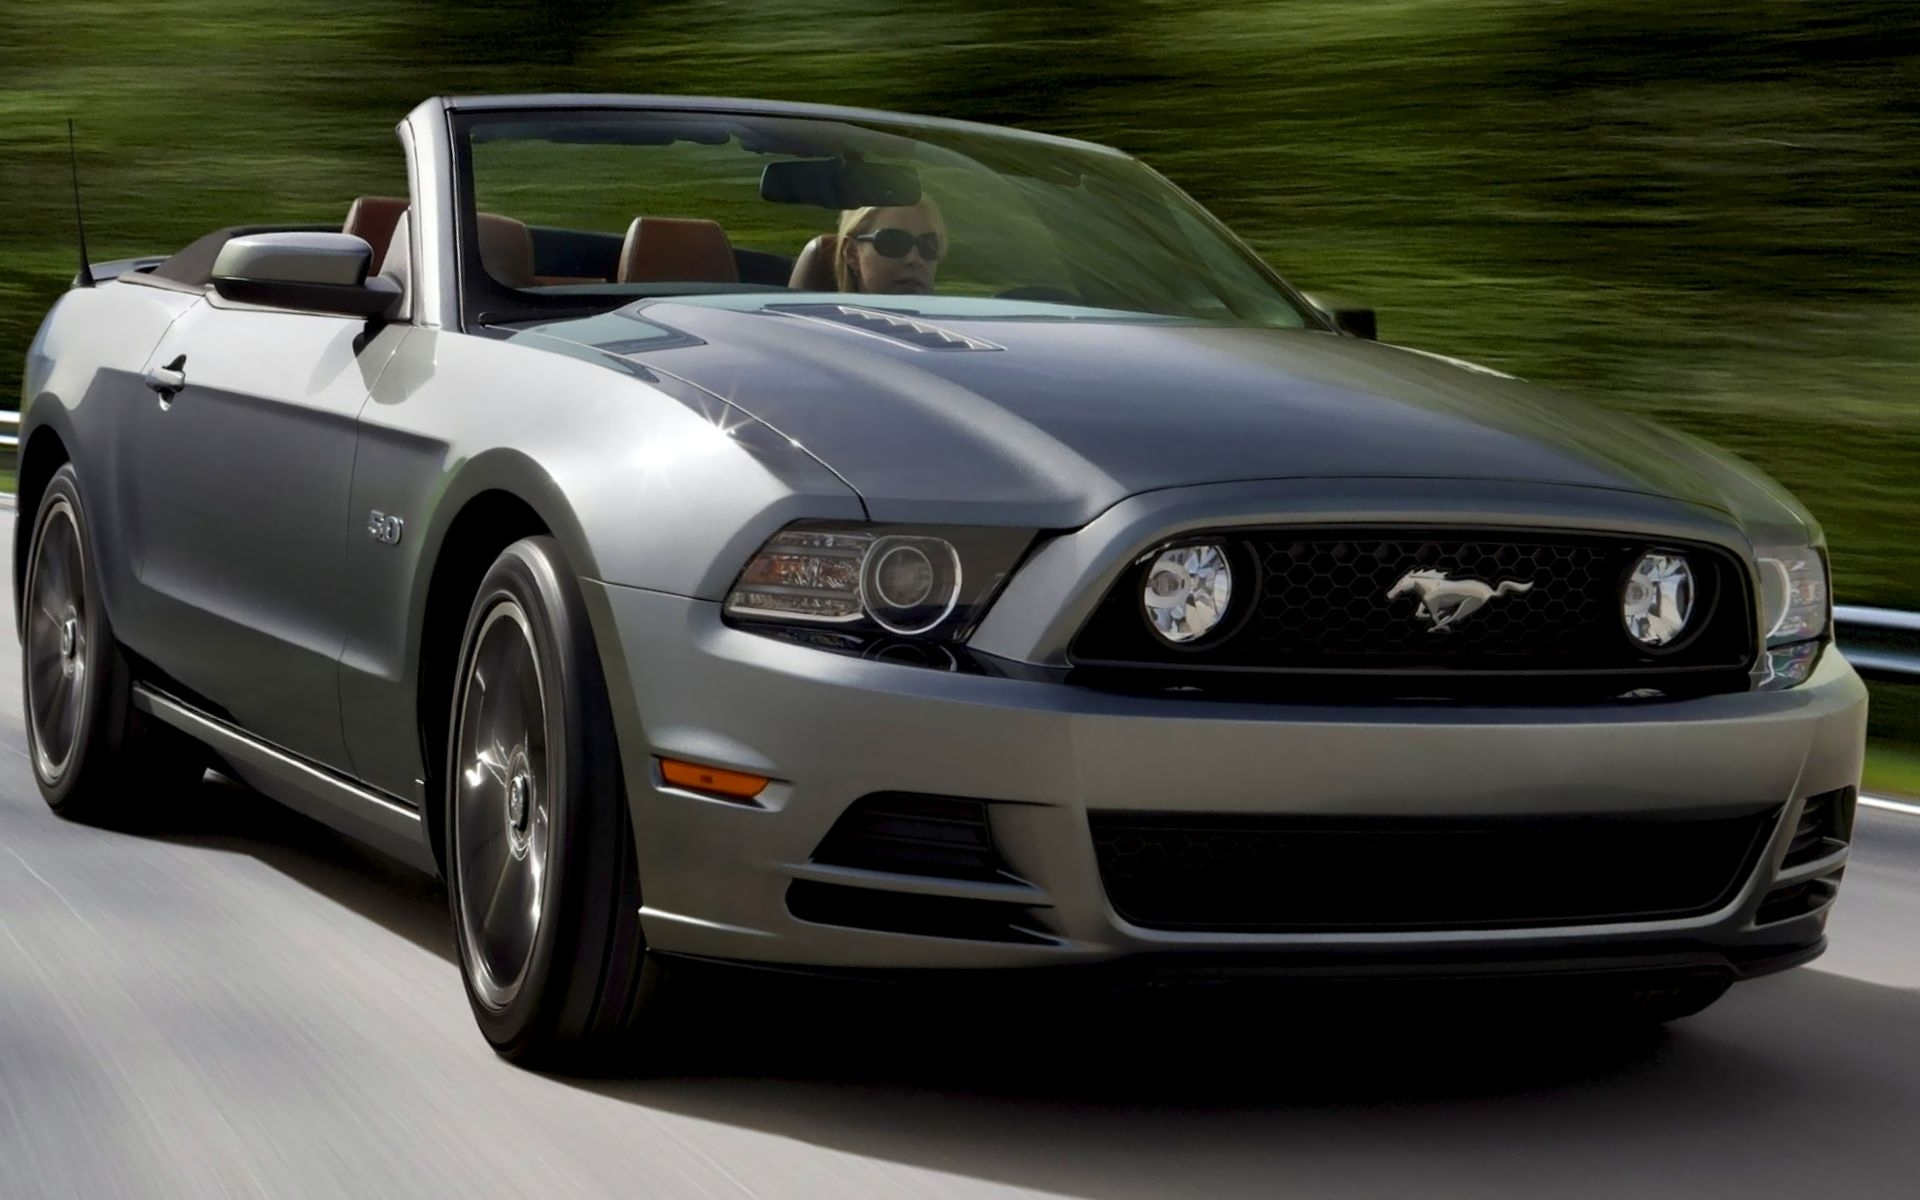 42519 скачать обои Транспорт, Машины, Форд (Ford), Мустанг (Mustang) - заставки и картинки бесплатно